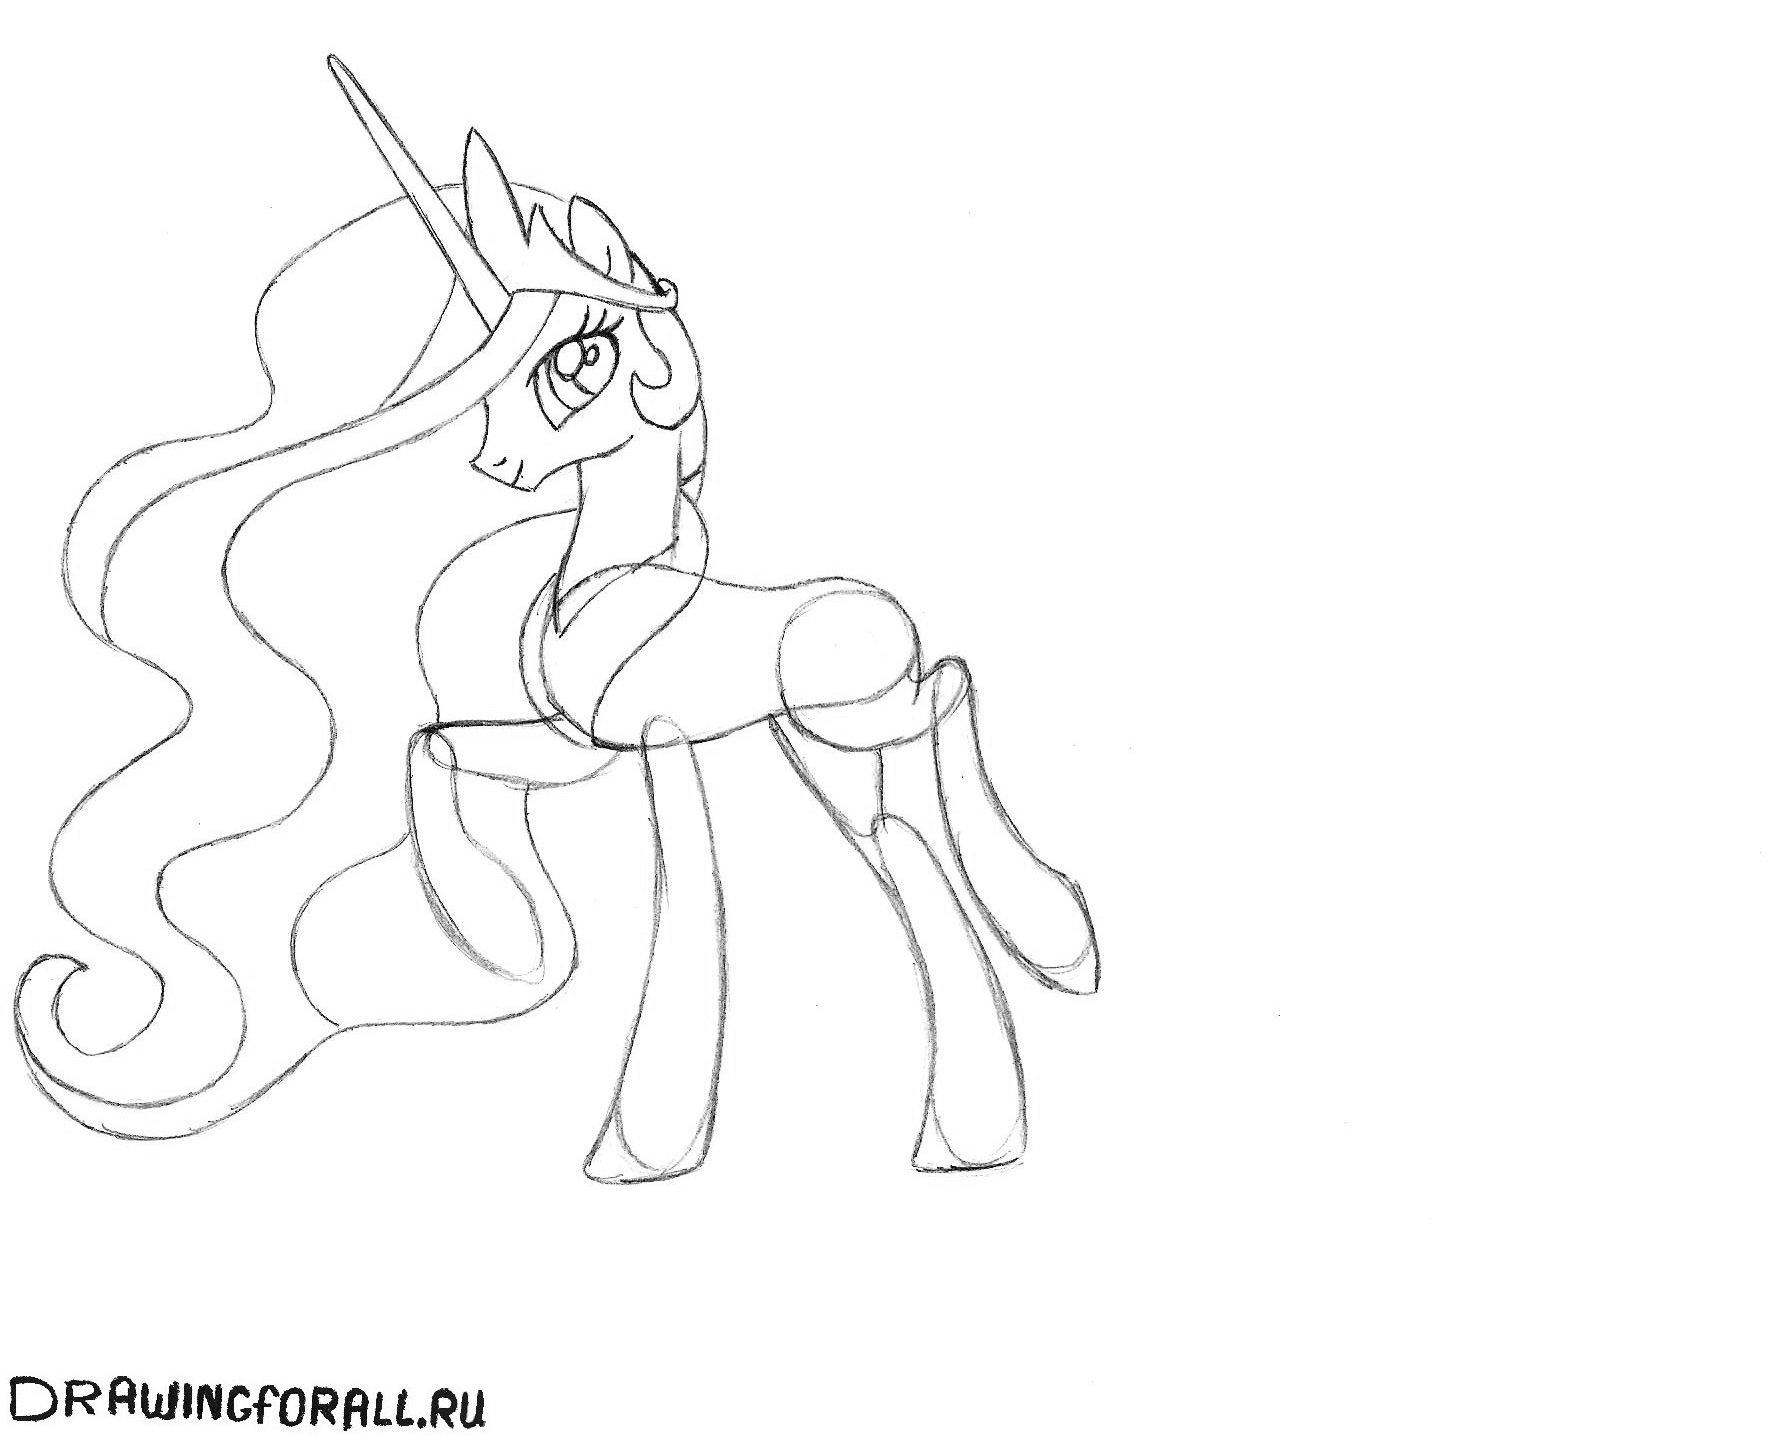 Принцесса селестия рисунок